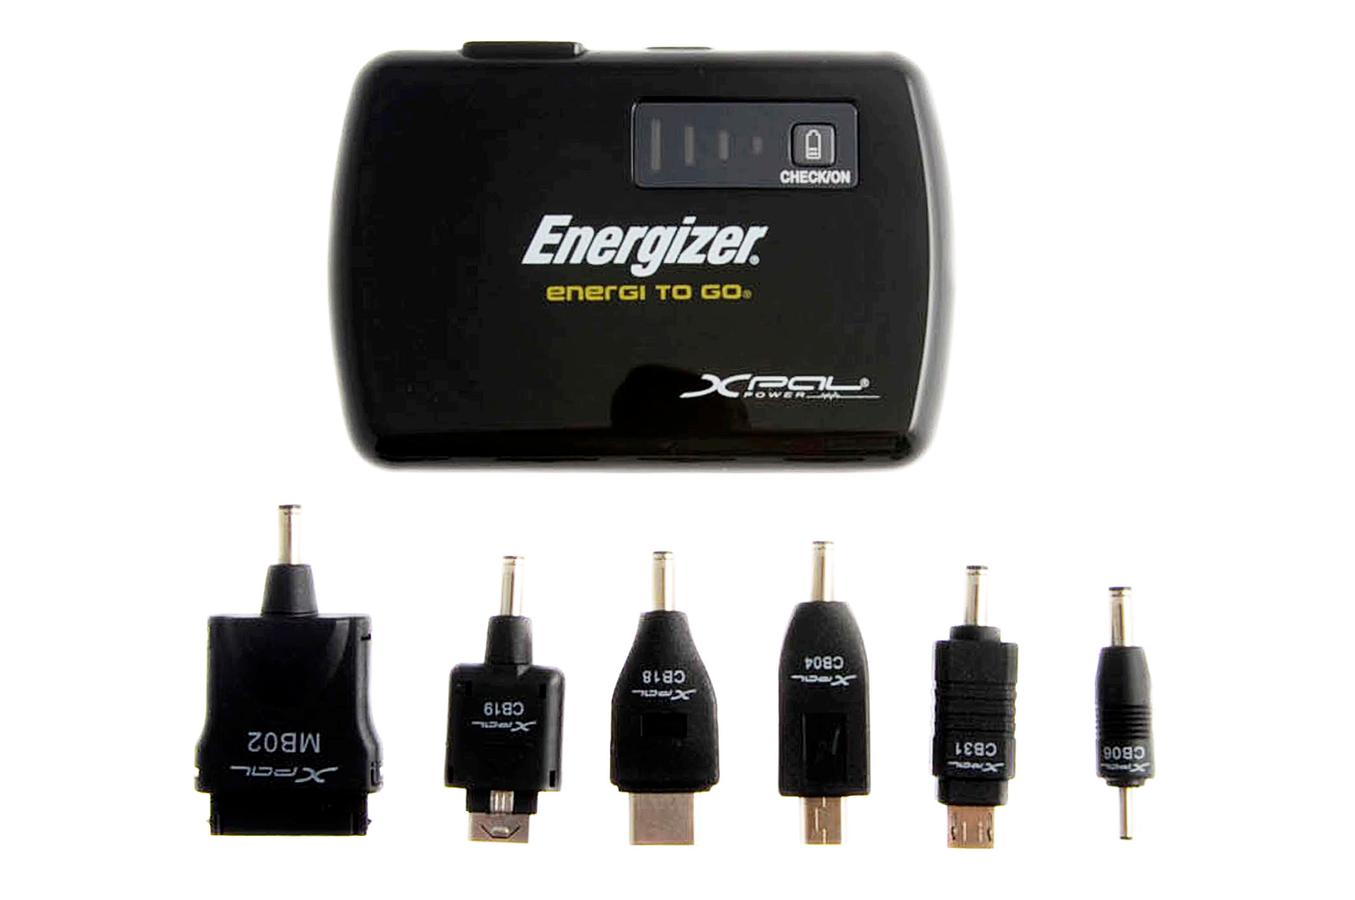 chargeur portable energizer batterie de secours xp2000. Black Bedroom Furniture Sets. Home Design Ideas